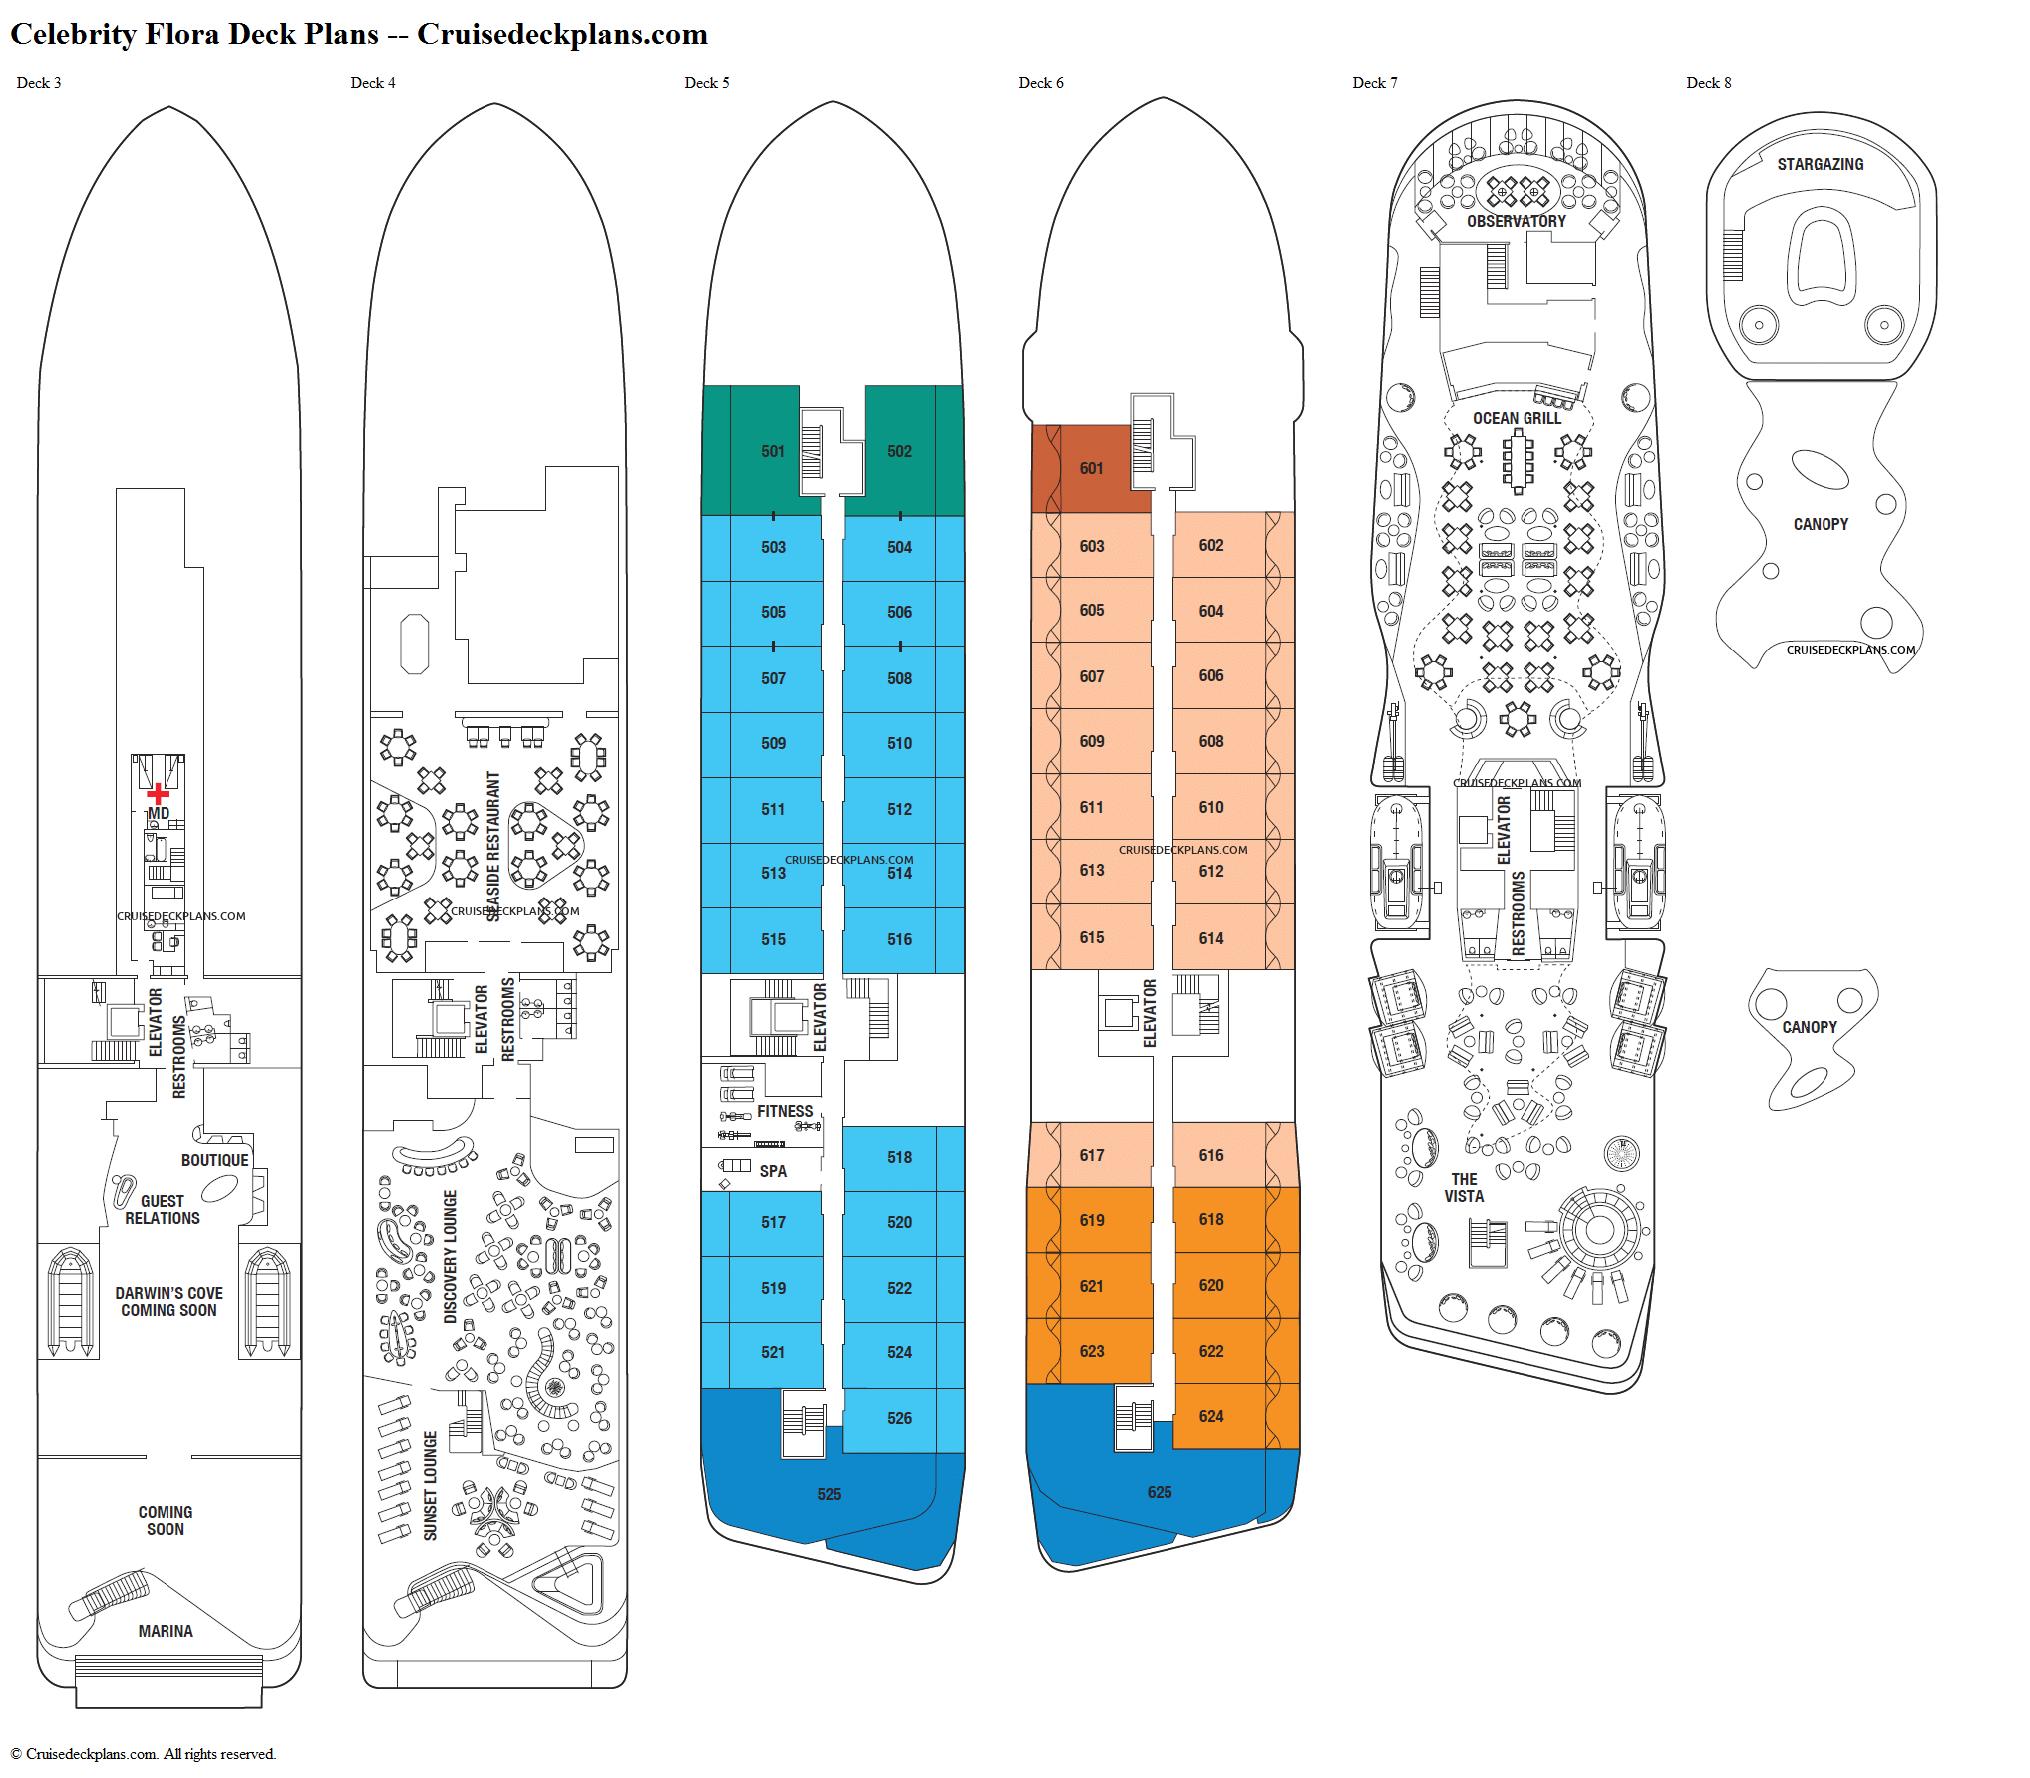 Celebrity flora deck 6 deck plan tour for Deck blueprints